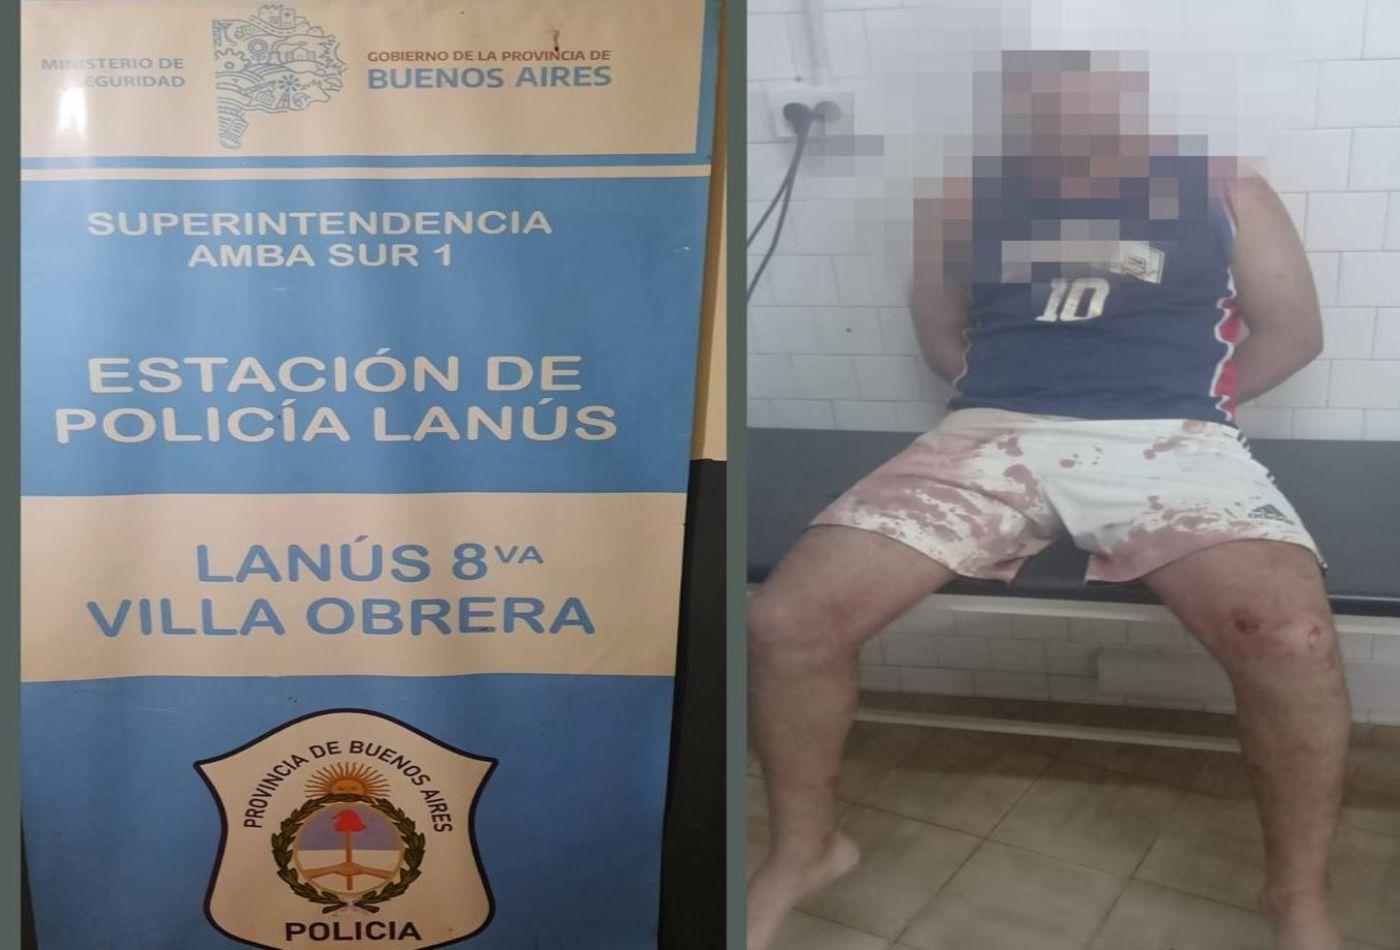 Tiroteo y ataque a la Policía en Lanús: familiares de un delincuente intentaron liberarlo